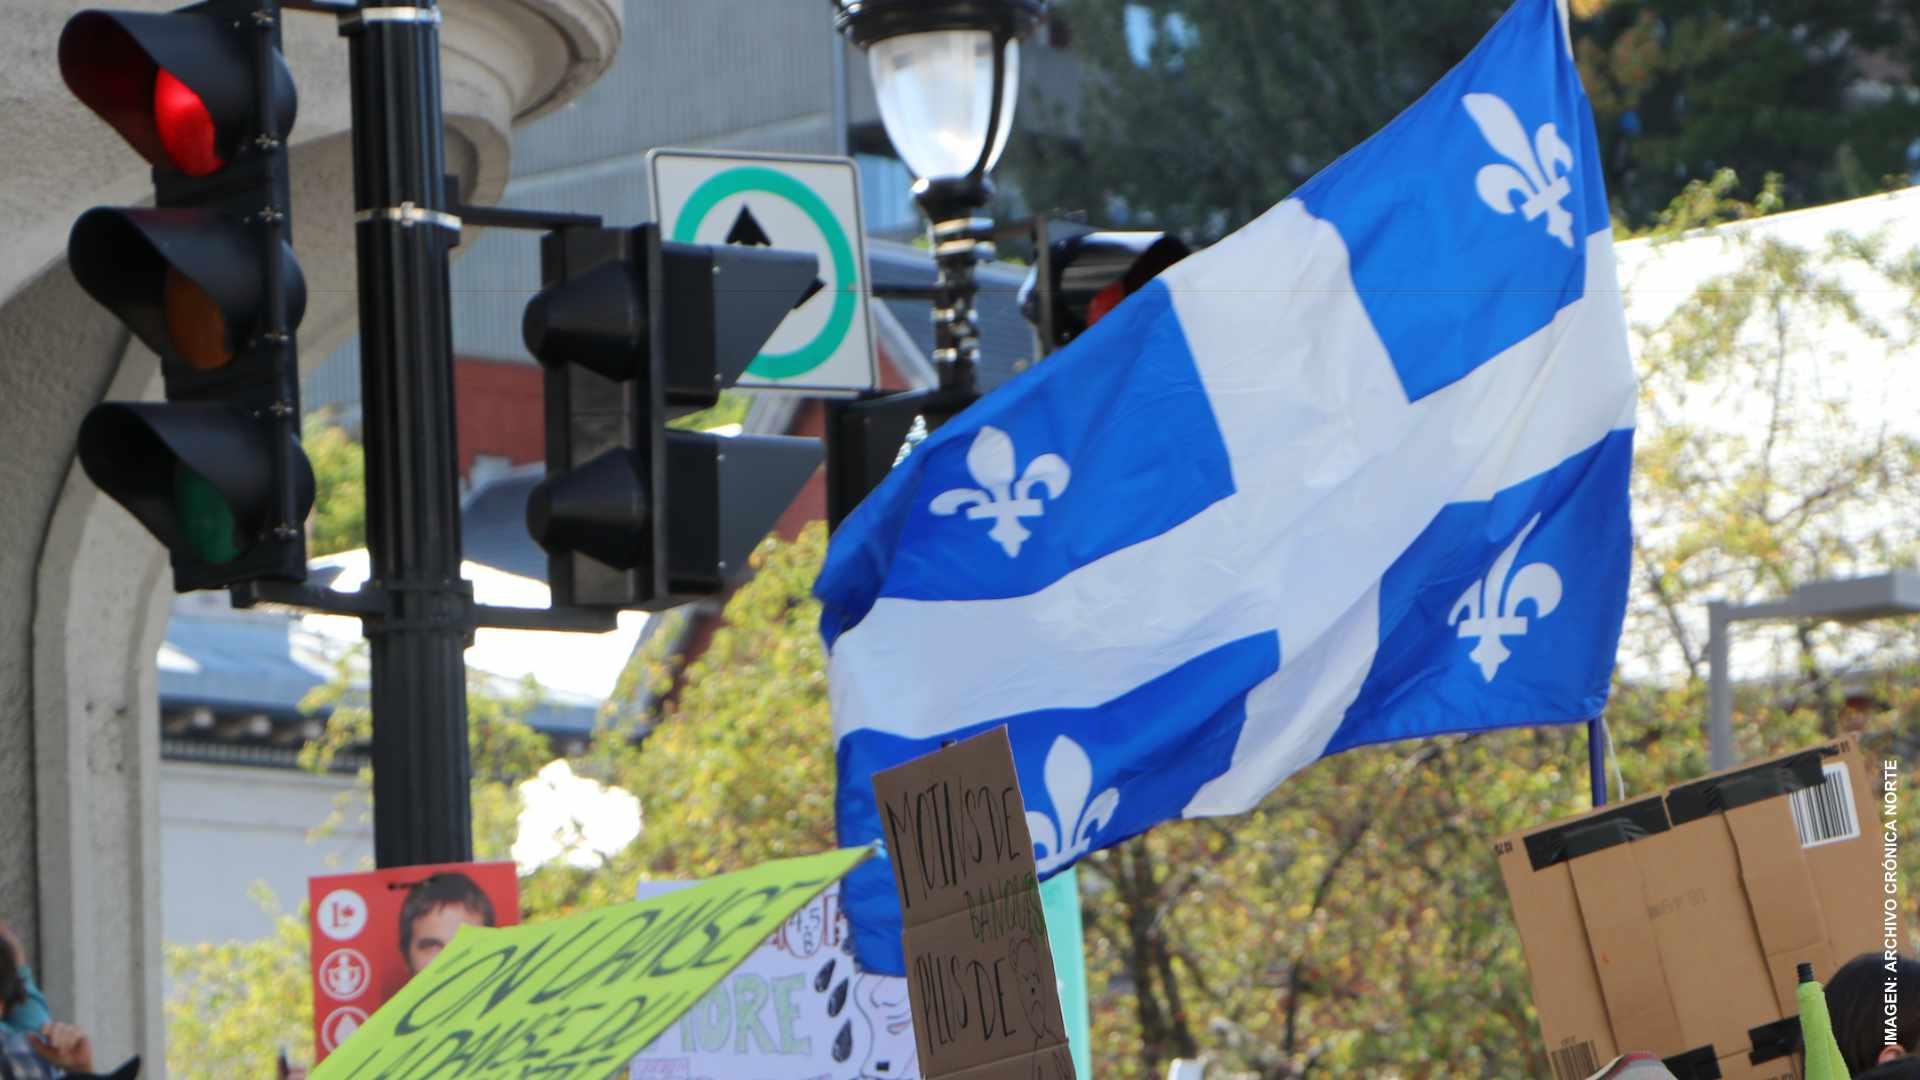 Rechazan pasaporte sanitario frente Asamblea de Quebec